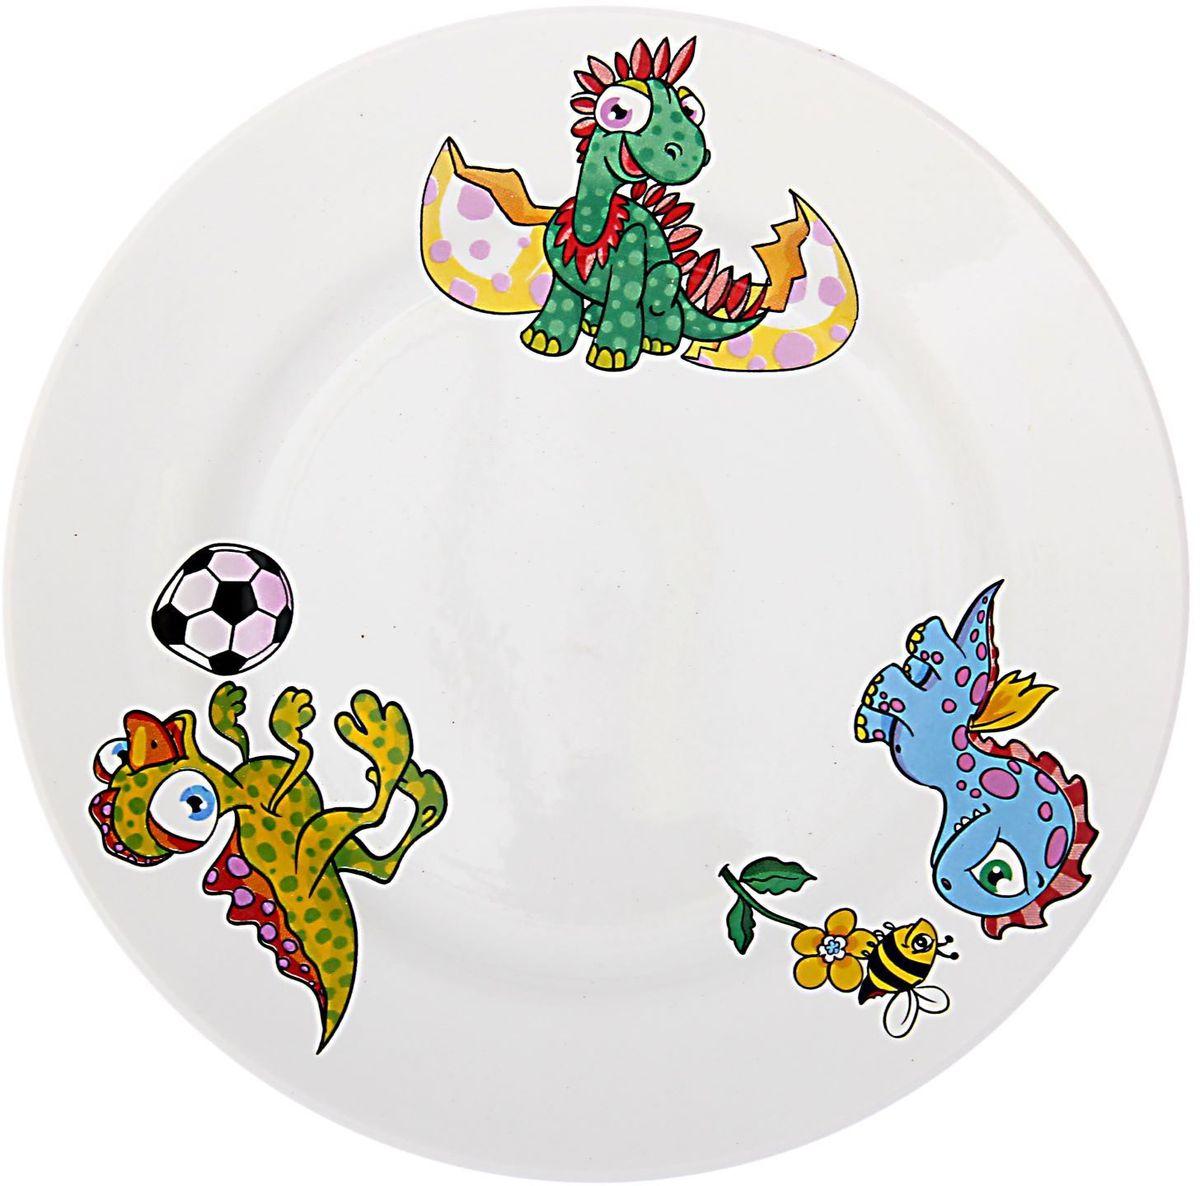 Кубаньфарфор Тарелка детская Динозаврики1494976Фаянсовая детская посуда с забавным рисунком понравится каждому малышу. Изделие из качественного материала станет правильным выбором для повседневной эксплуатации и поможет превратить каждый прием пищи в радостное приключение.Особенности:- простота мойки,- стойкость к запахам,- насыщенный цвет.